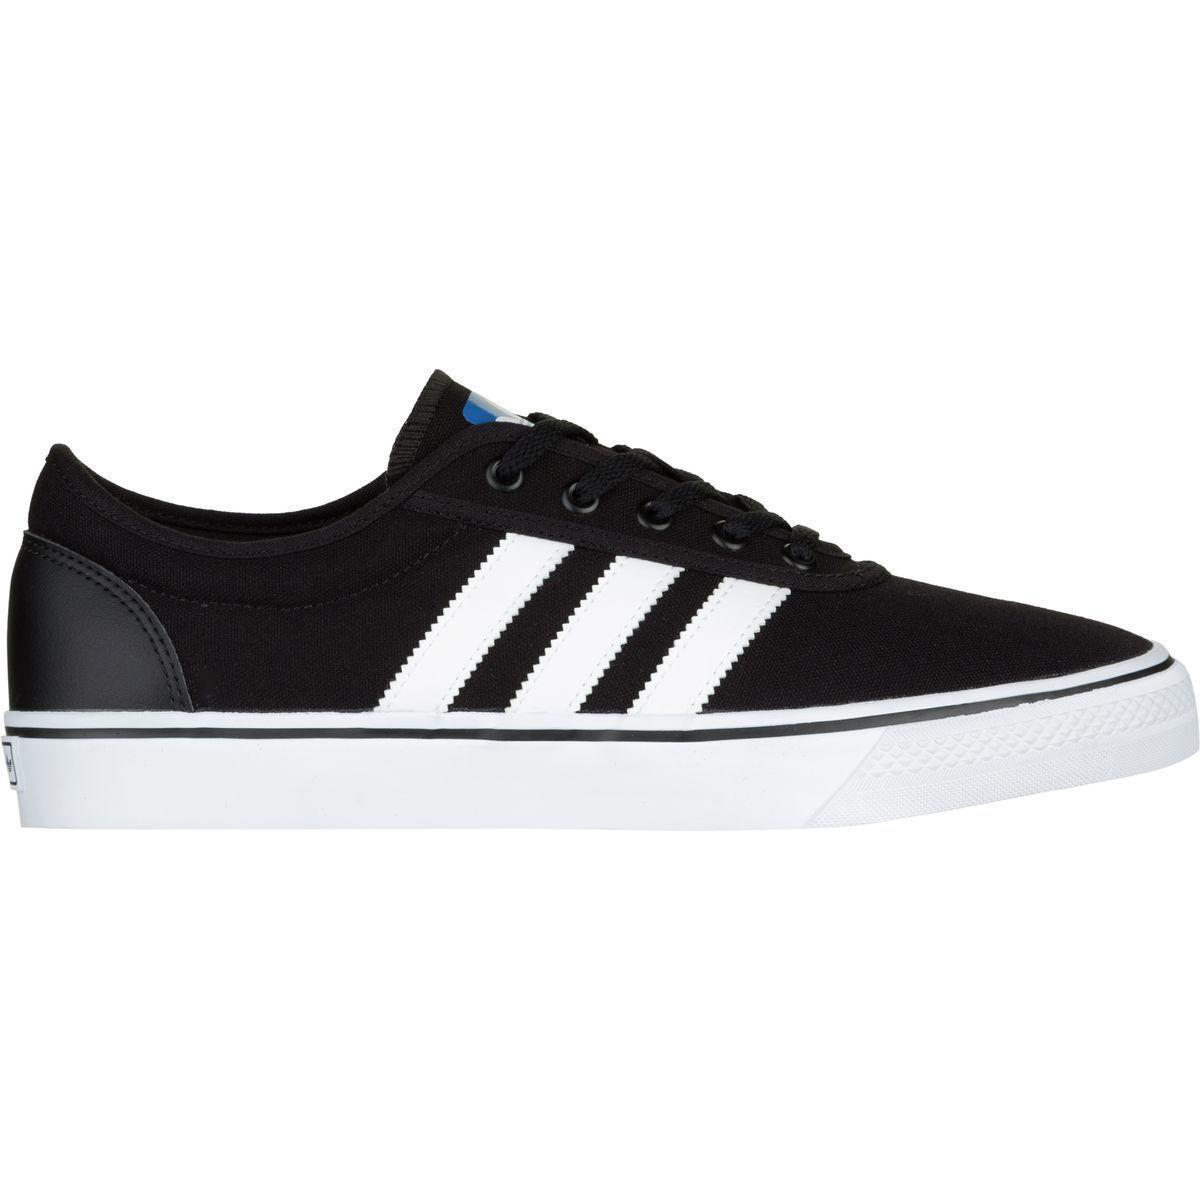 low priced cb0a4 234db adidas. Mens Black Adi-ease Skate Shoe